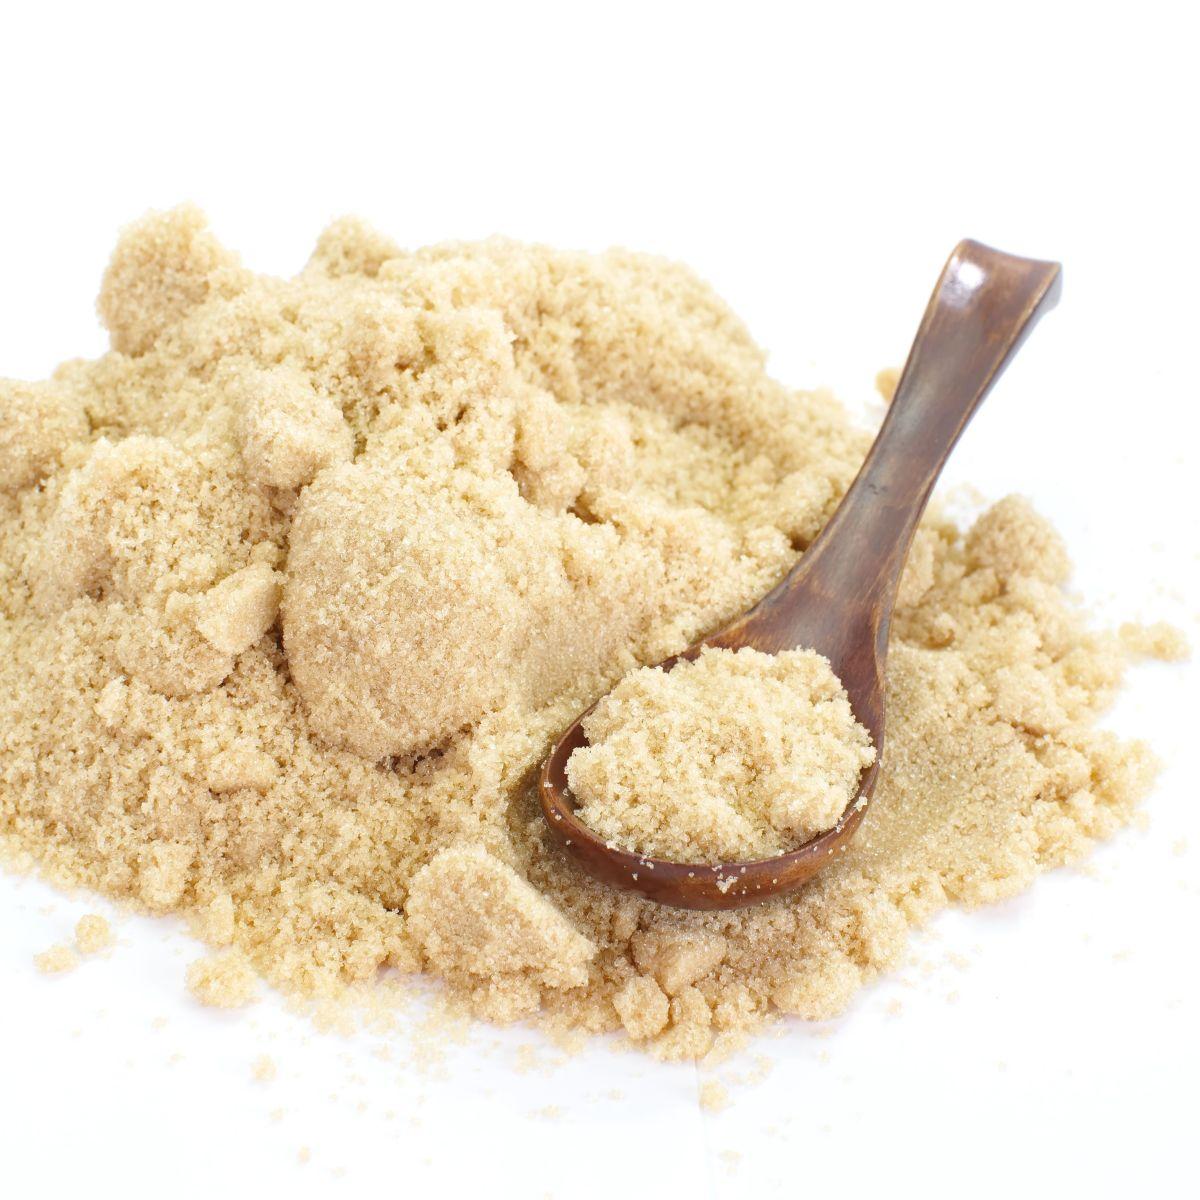 ¿Es saludable el azúcar de coco? Todo lo que necesitas saber sobre su consumo